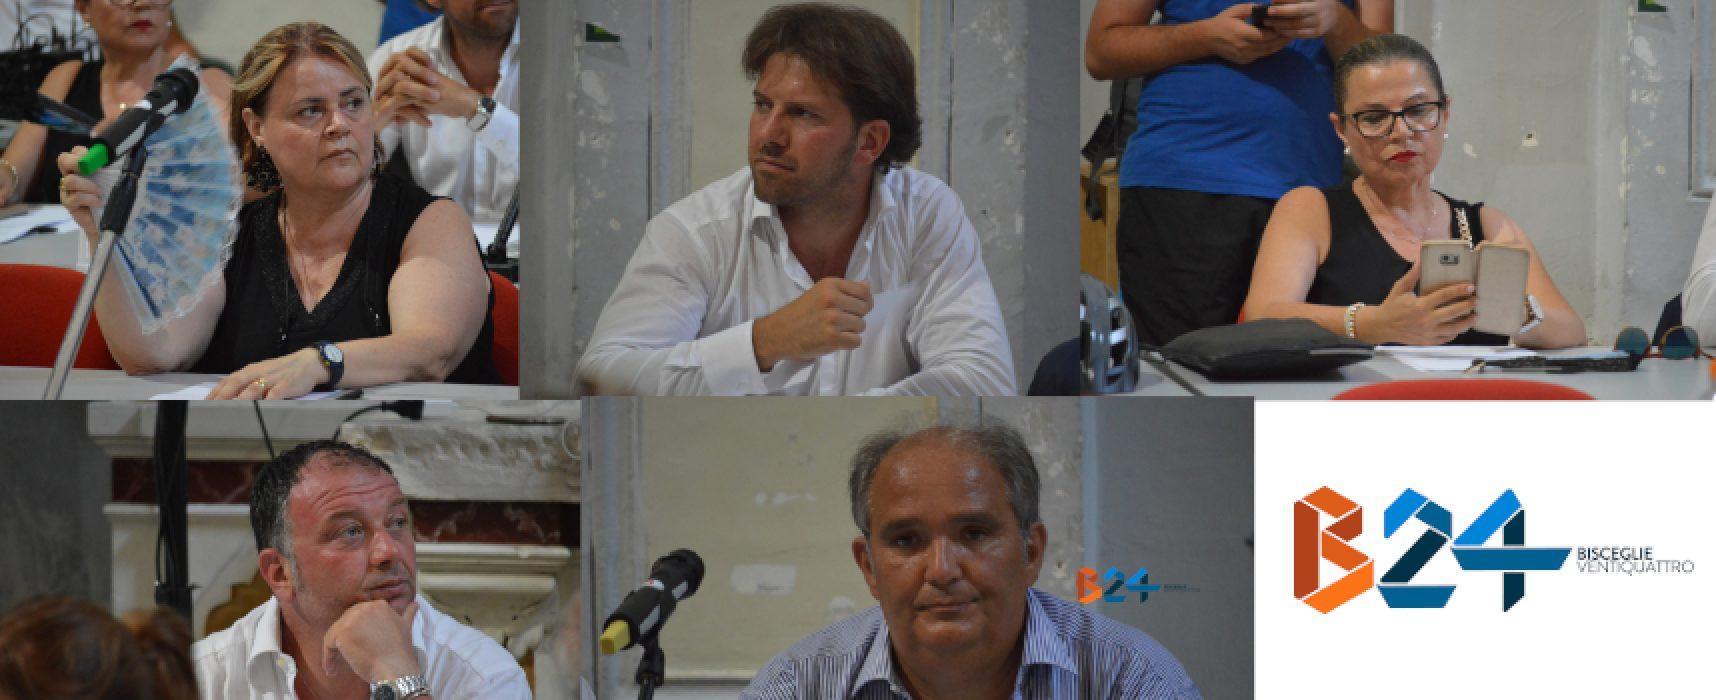 """Maggioranza, cinque consiglieri formano intergruppo: """"Valuteremo ogni singola problematica"""""""